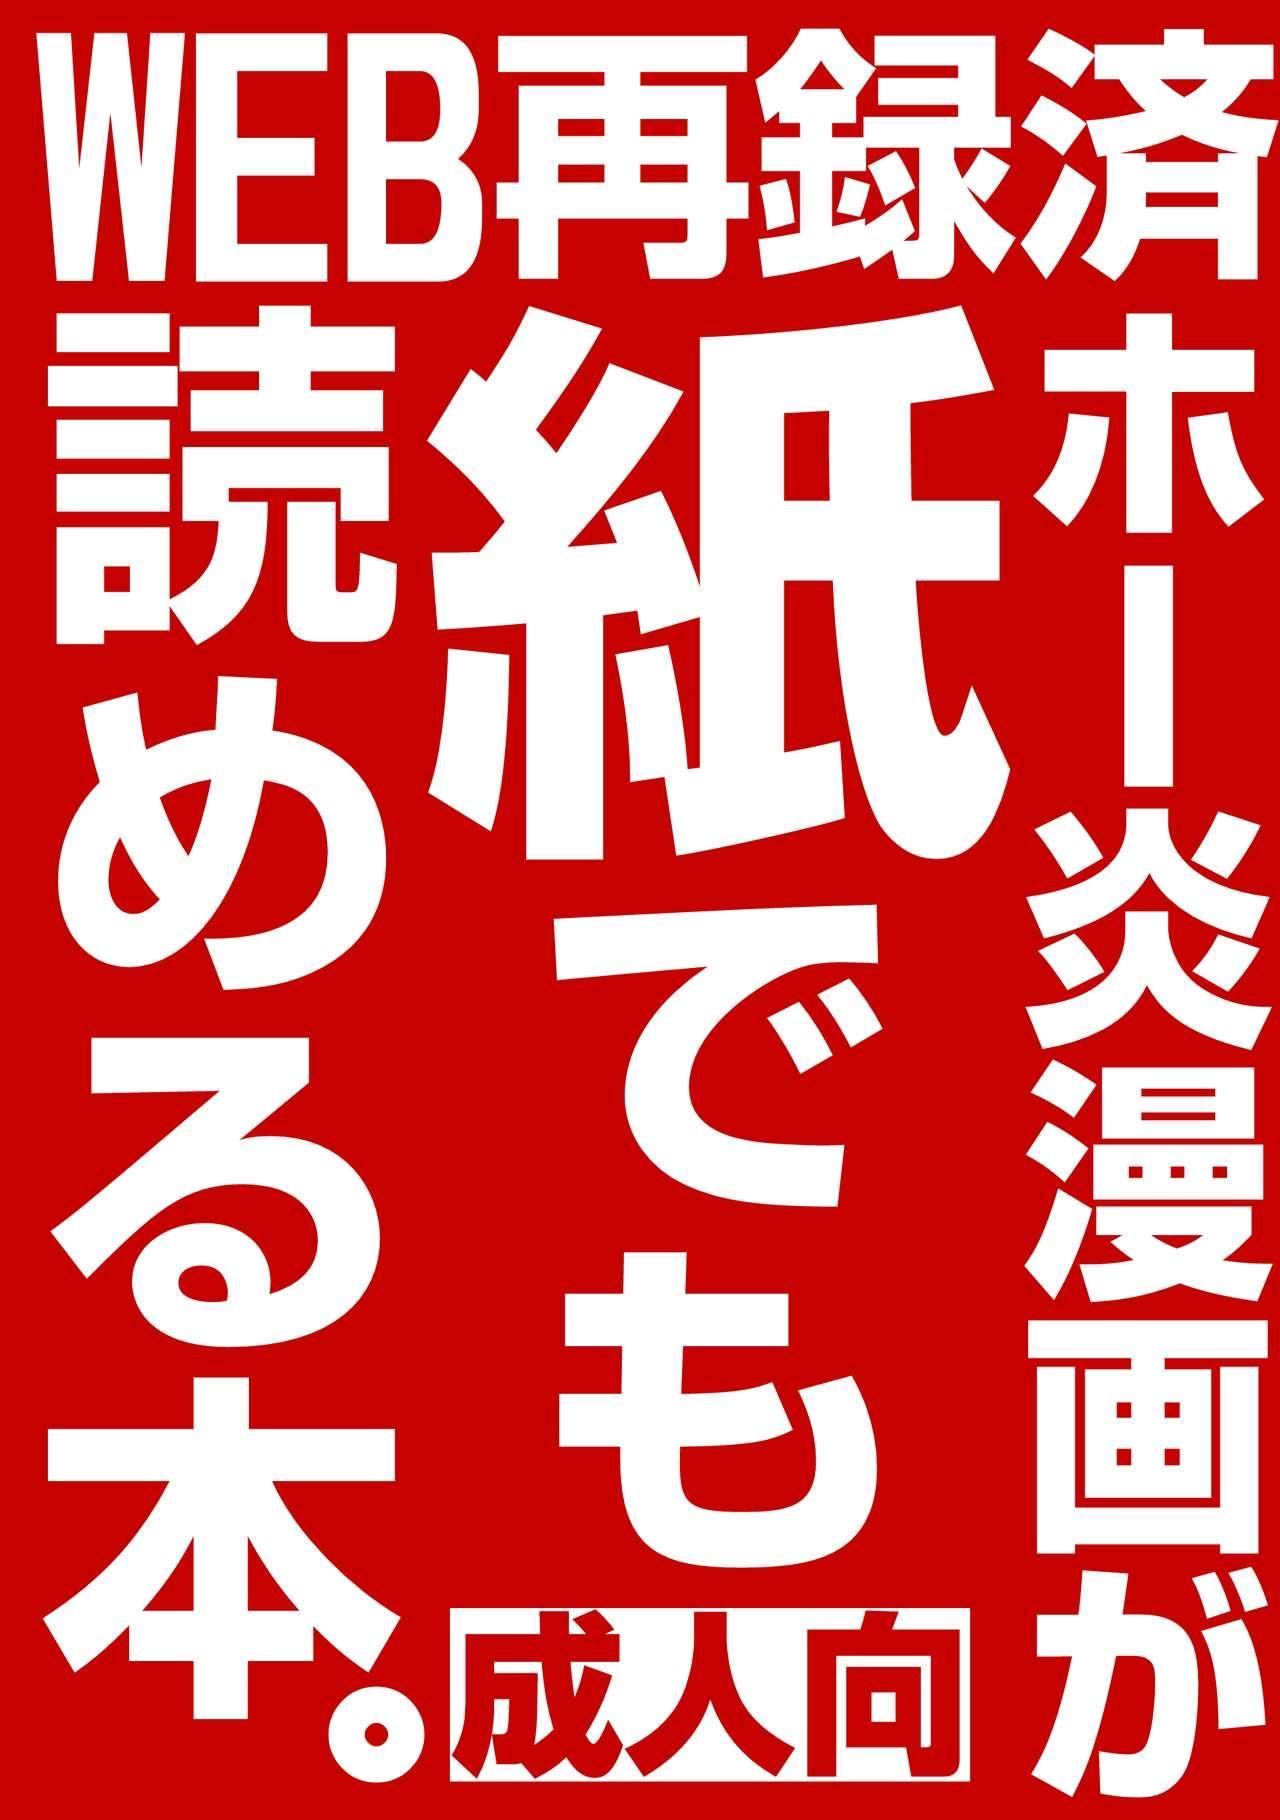 WEB Sairoku Zumi HawEn Manga ga Kami demo Yomeru Hon. 0